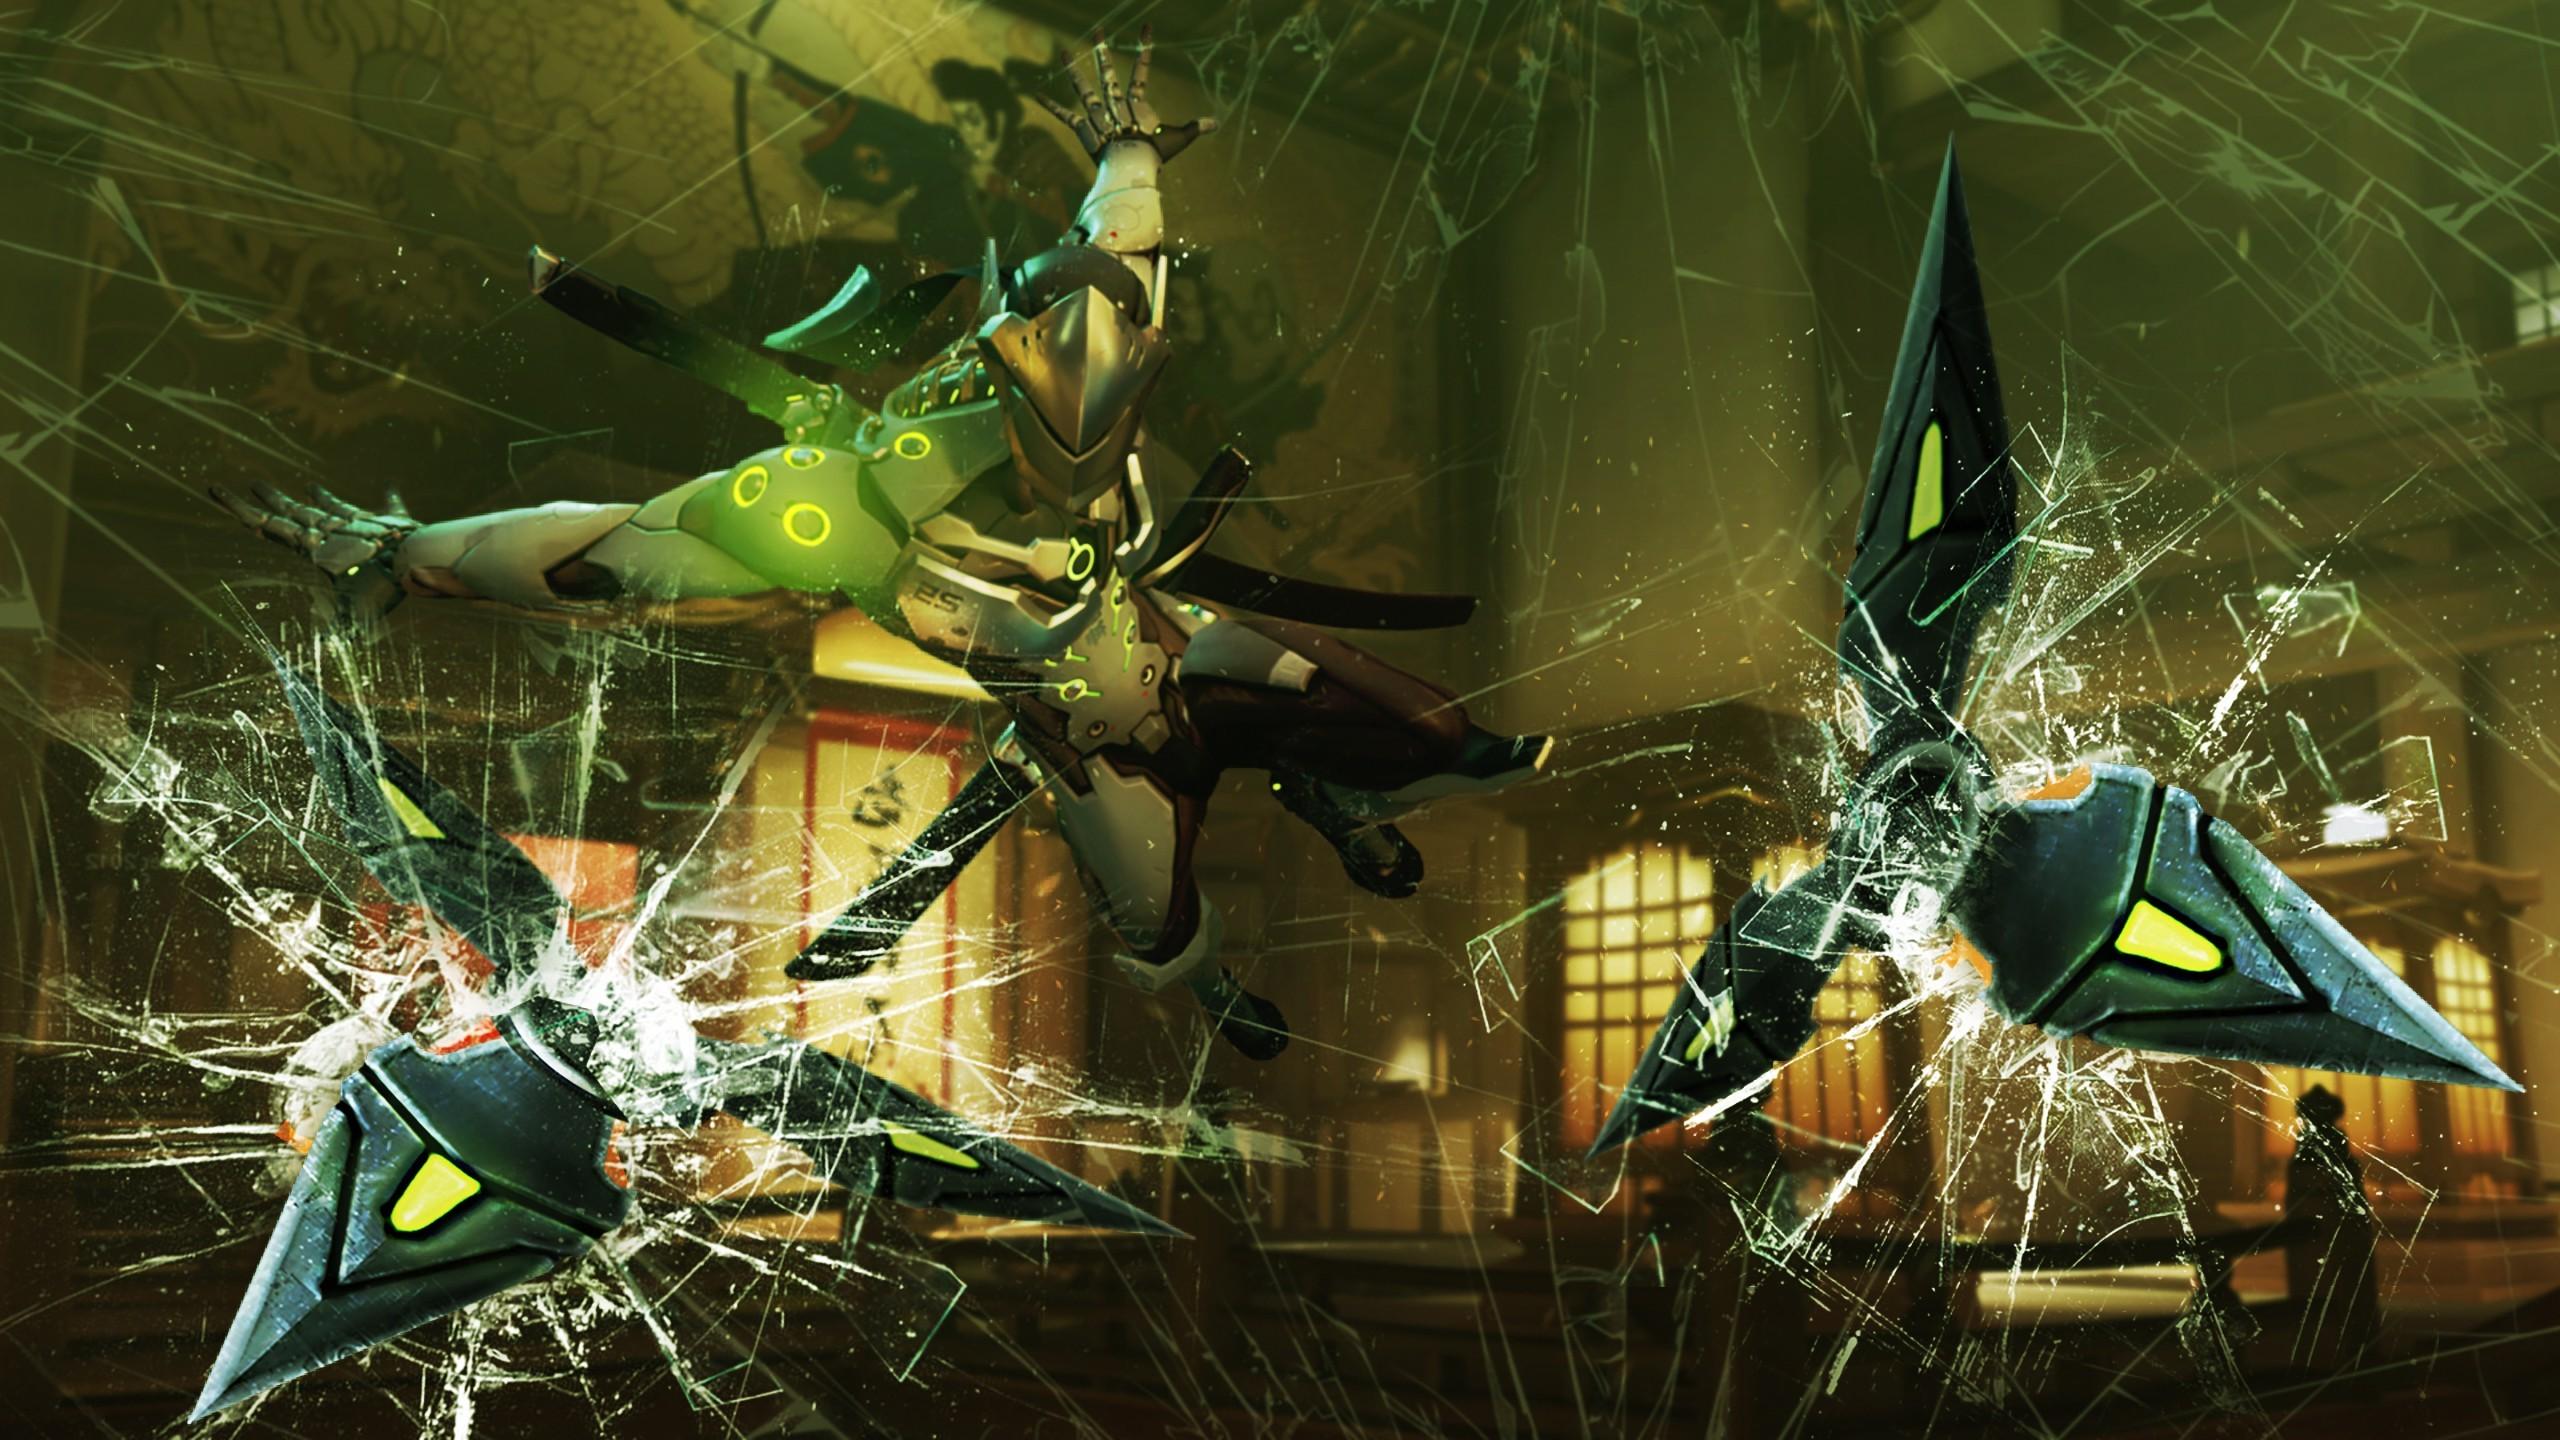 Fondos De Pantalla 2560x1440 Px Blizzard Entertainment